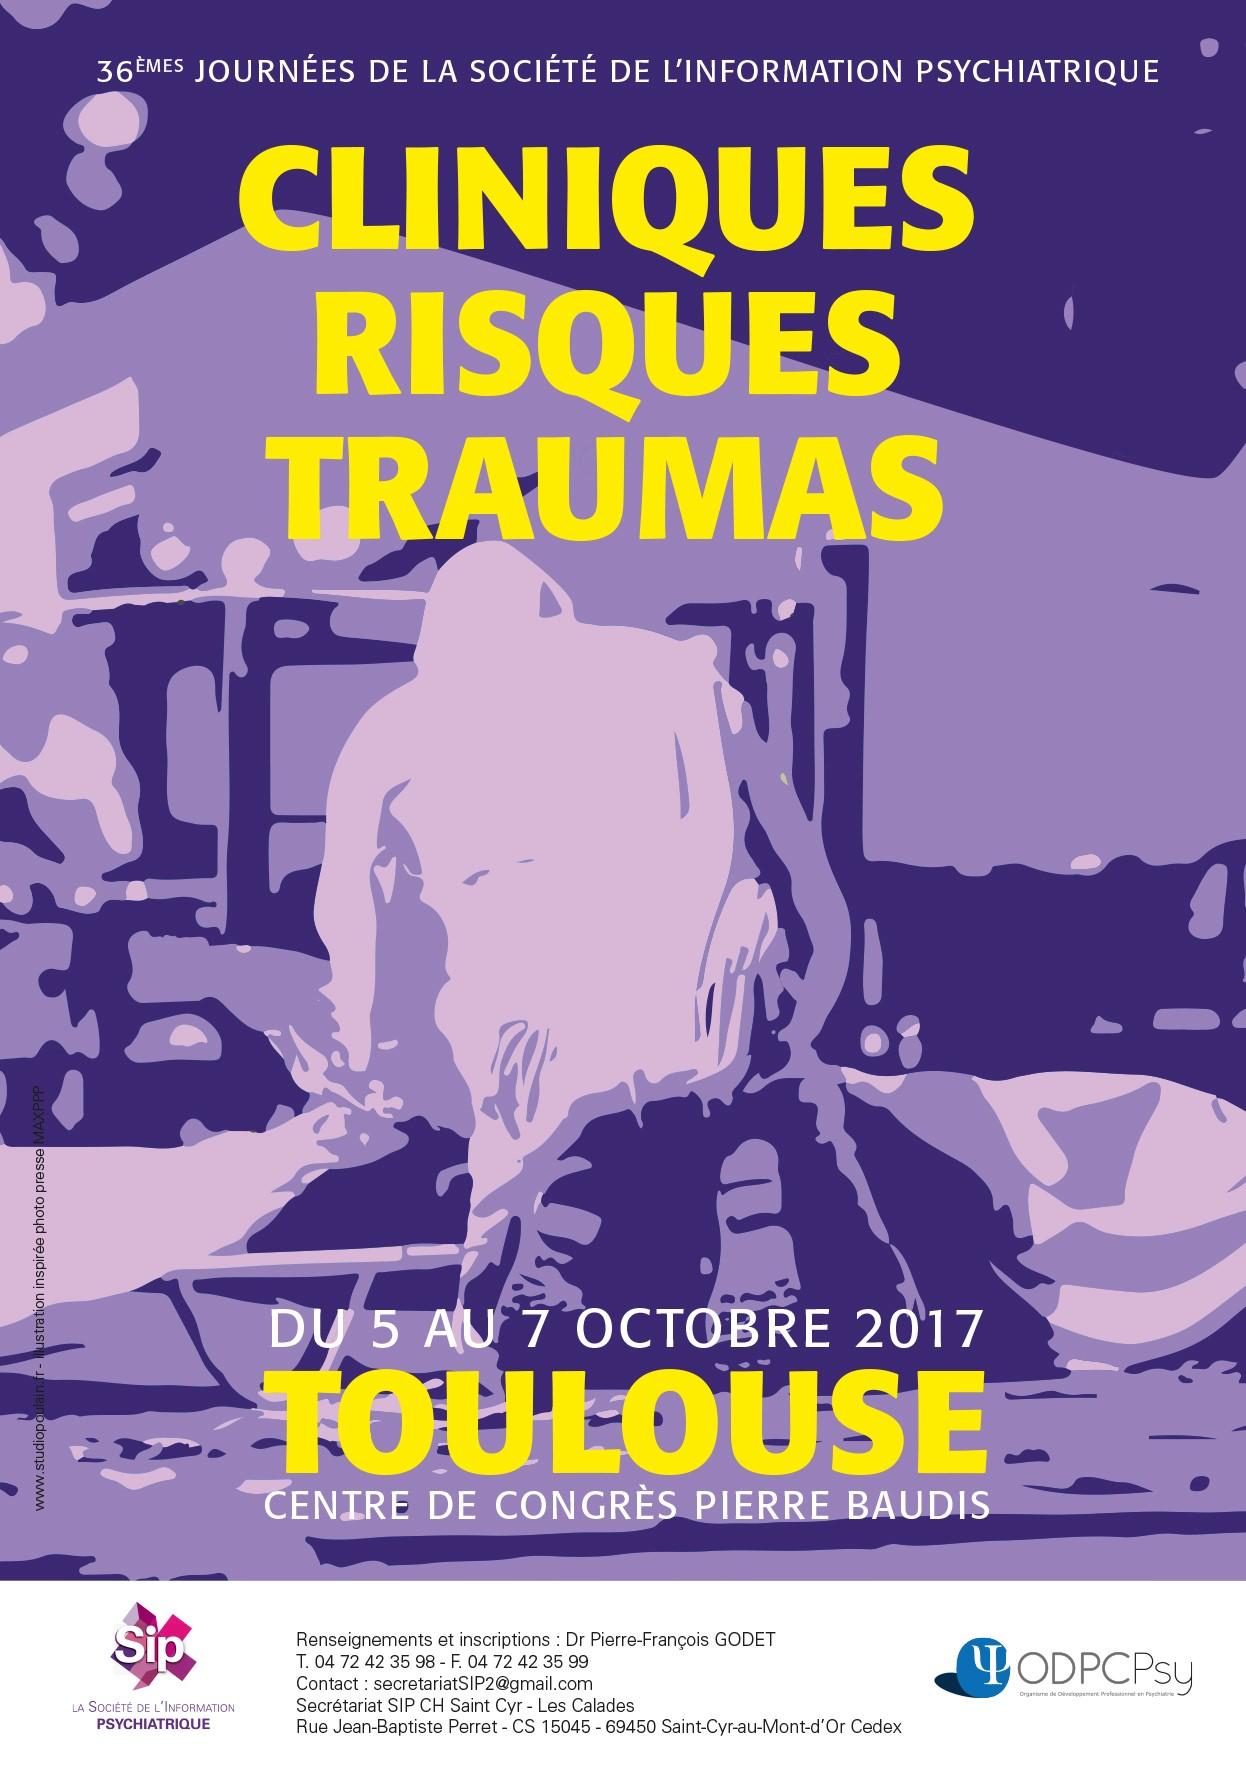 INSCRIVEZ-VOUS aux Journées 2017 de la Société de l'Information Psychiatrique à Toulouse